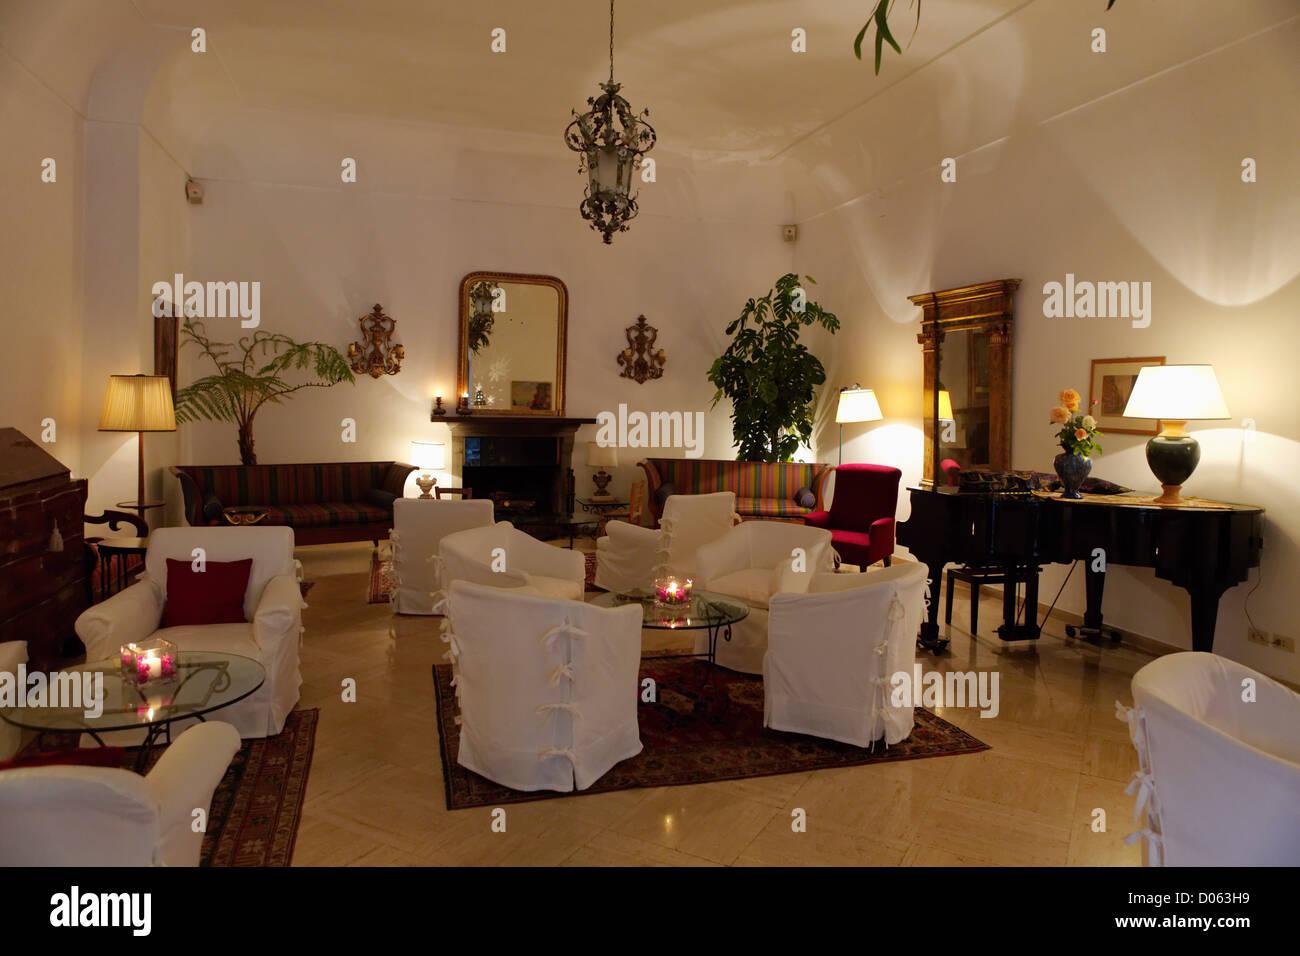 Le salon d'un hôtel de charme, l'hôtel Poseidon, Positano, Campanie, Italie Photo Stock